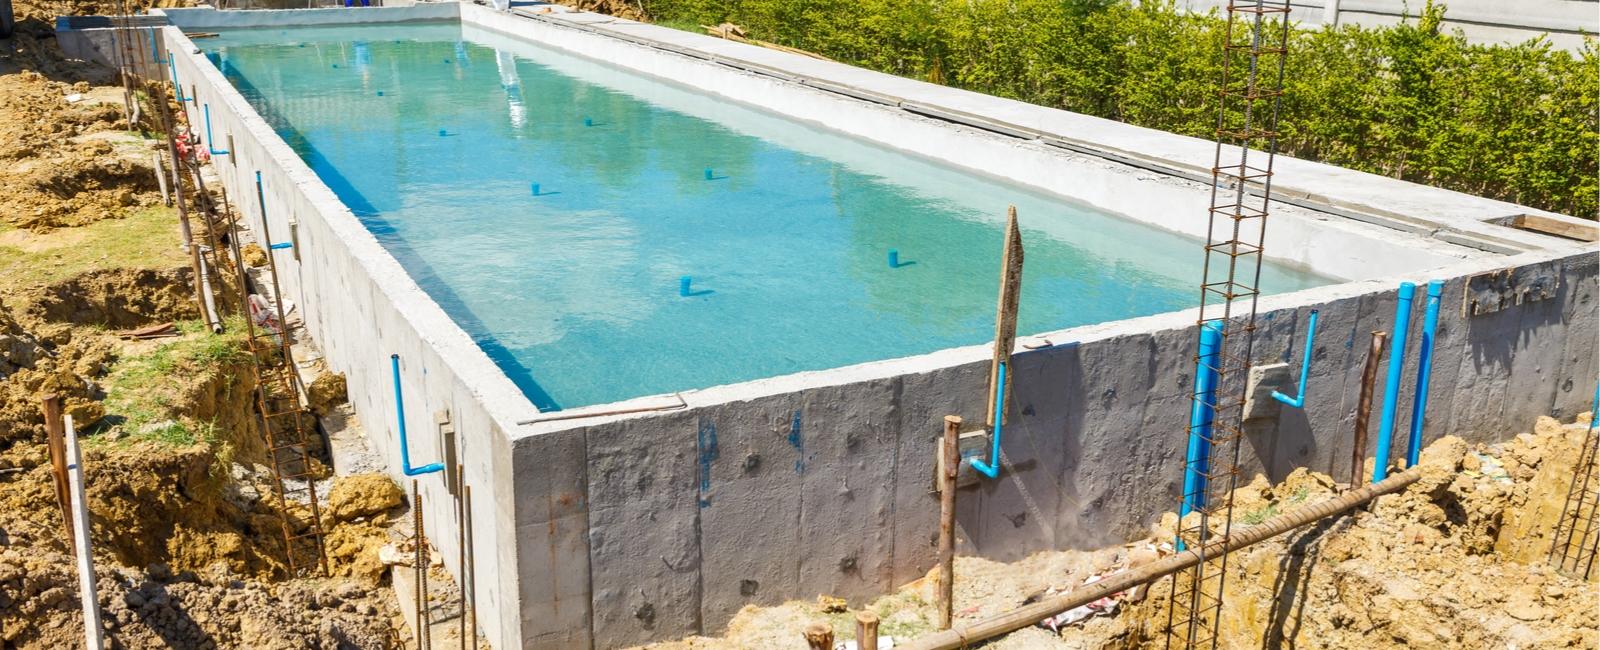 Extension Maison Piscine Couverte combien coûte la construction d'une piscine? prix, coût, devis